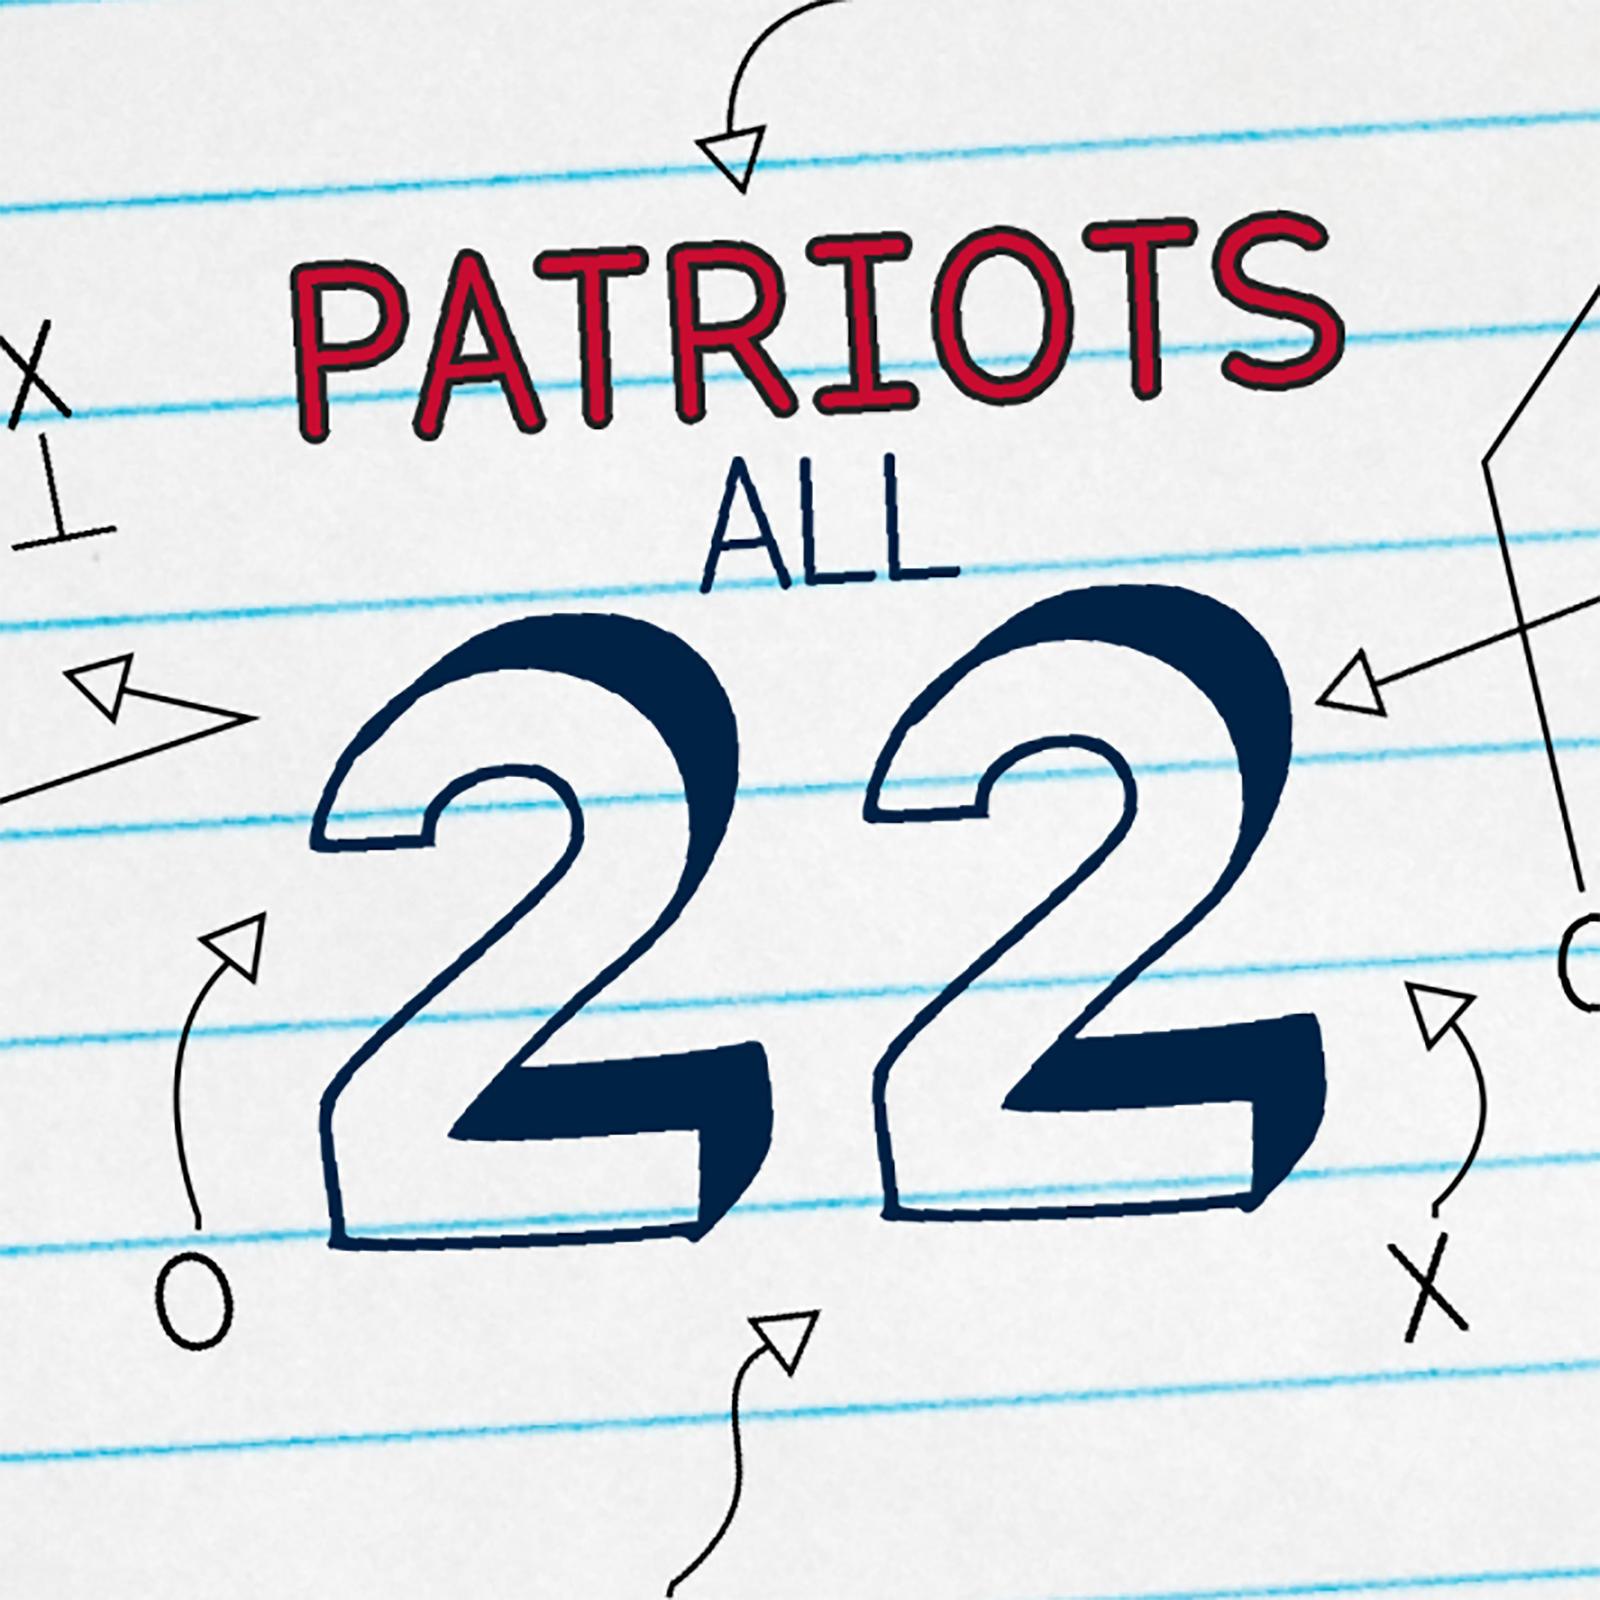 Patriots All 22